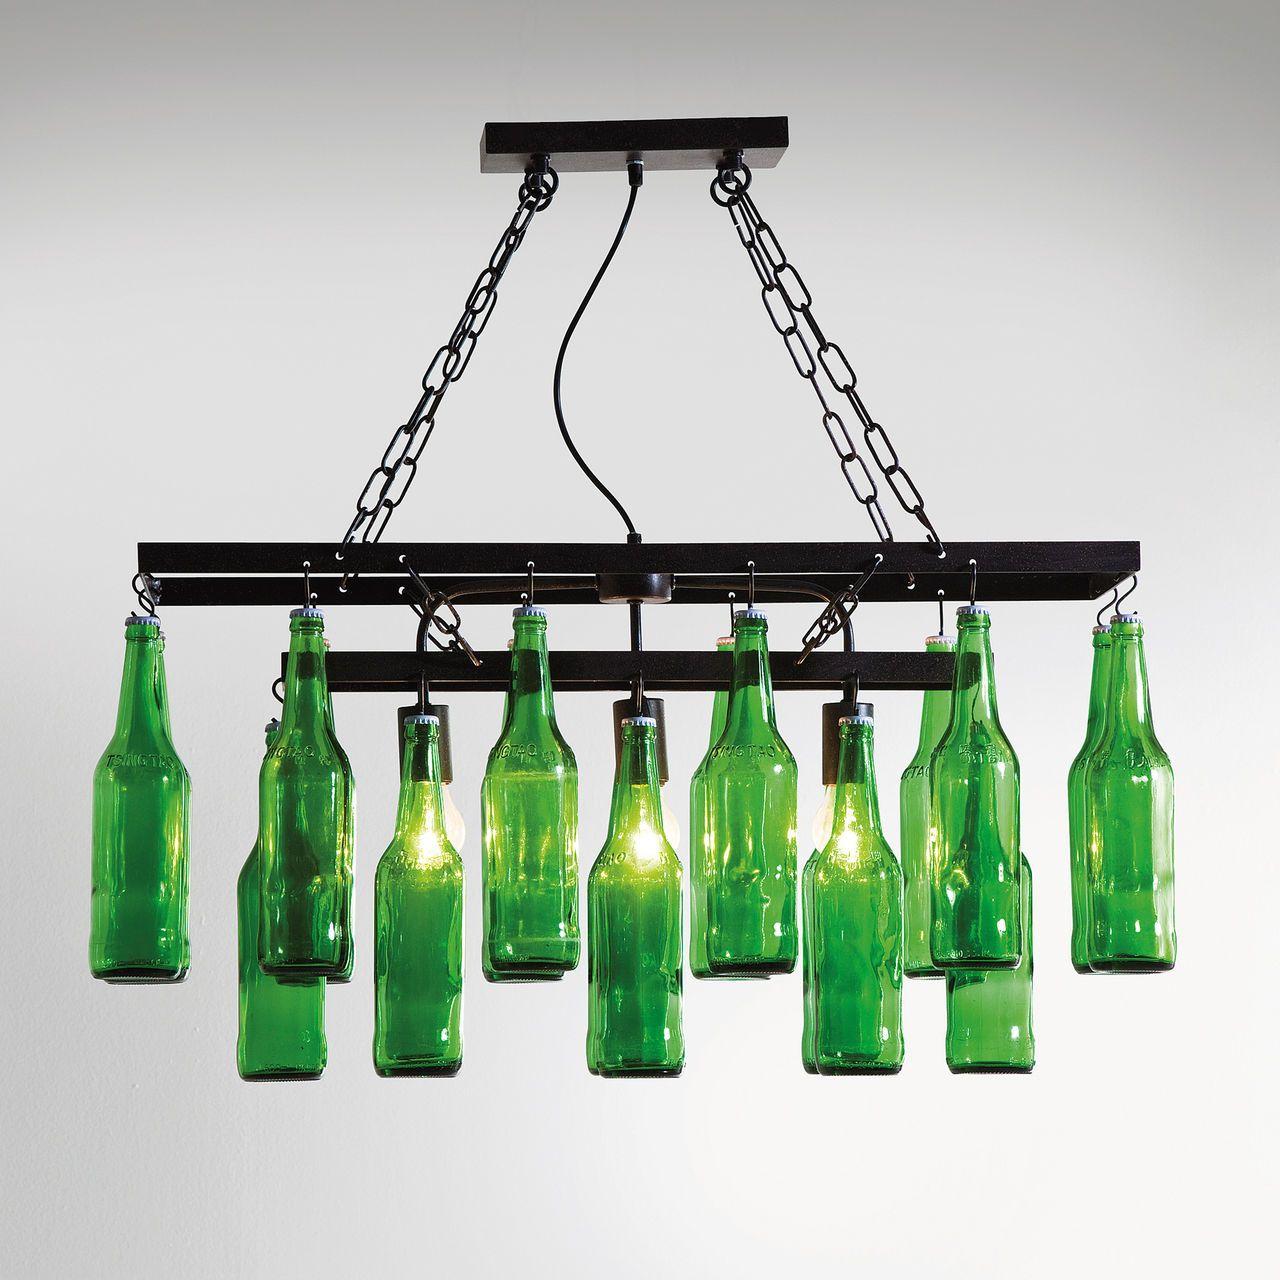 Deckenleuchte Fur Weinkeller Green Bottle Aus Grunem Altglas Flasche Kronleuchter Bierflaschen Lampen